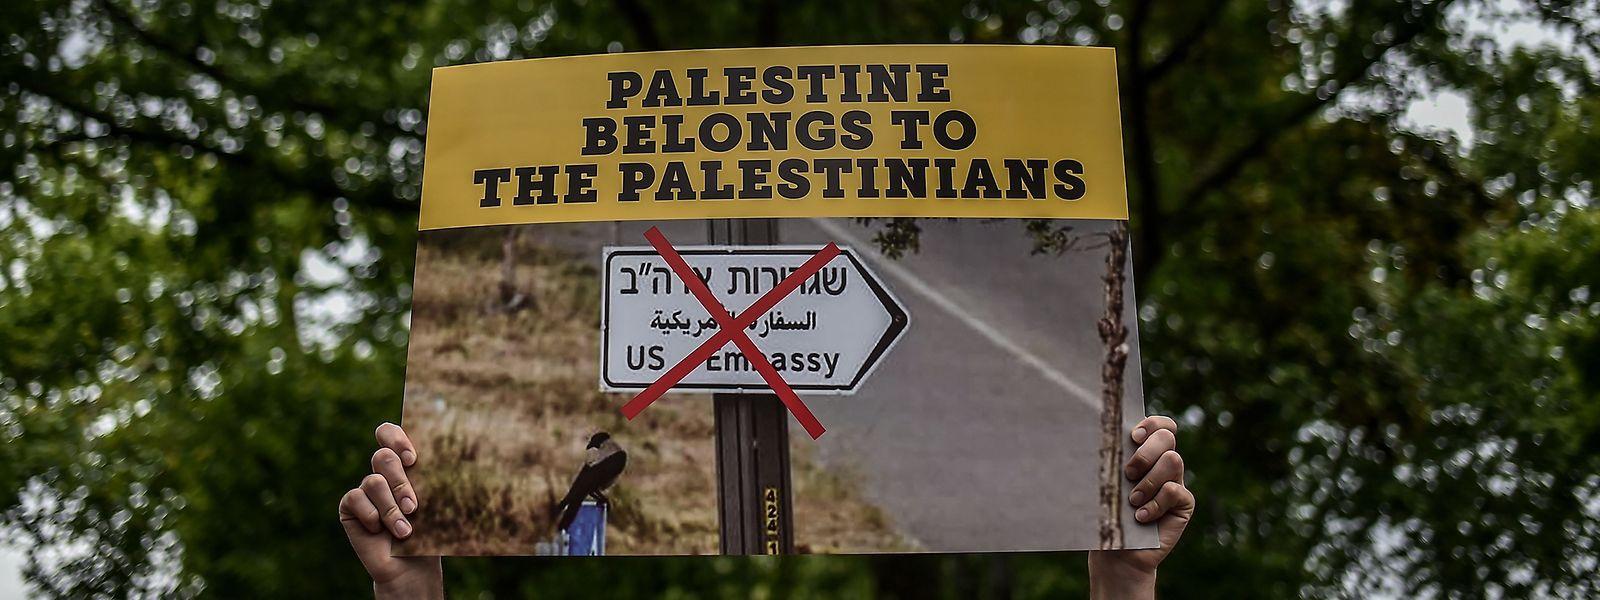 Die Lage in Nahost hatte sich zuletzt auch wegen des Ausstiegs der USA aus dem internationalen Atomabkommen mit dem Iran zugespitzt.